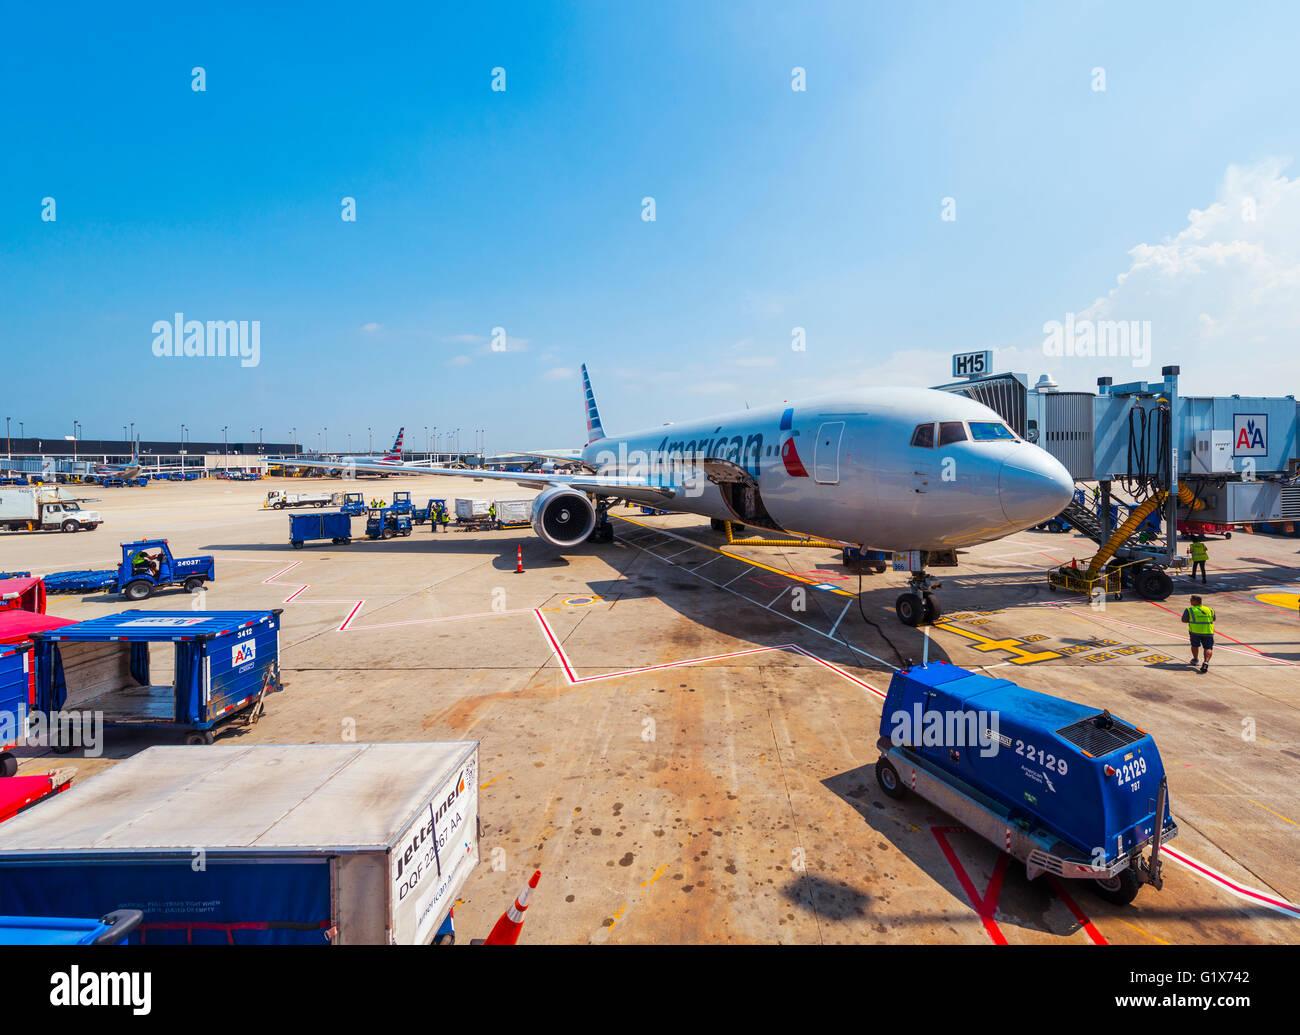 Avion d'American Airlines au cours du chargement, aéroport international O'Hare de Chicago, Chicago, Photo Stock